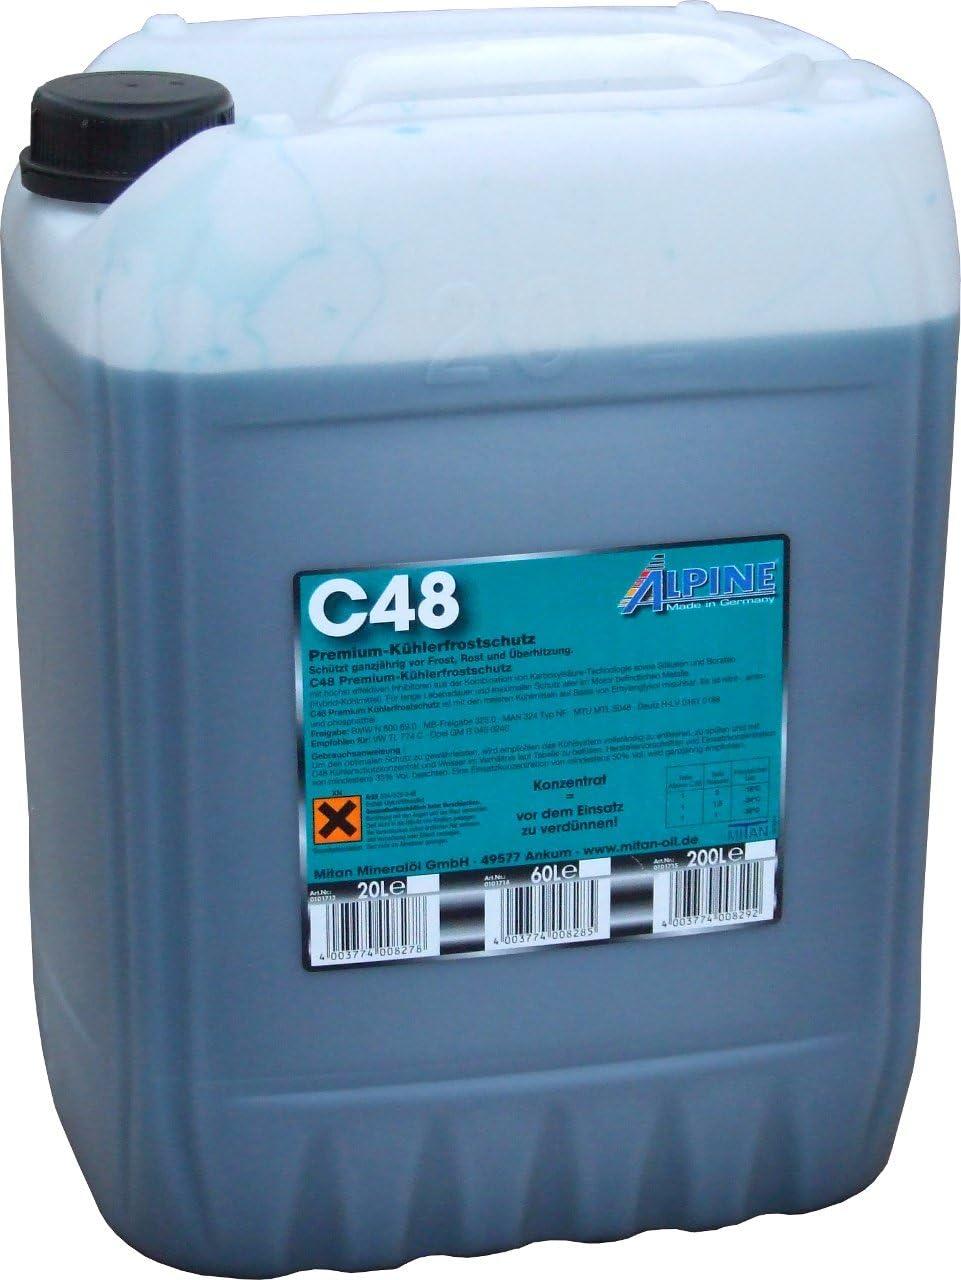 Alpine C48 Premium Kühlerfrostschutz 20 Liter Auto